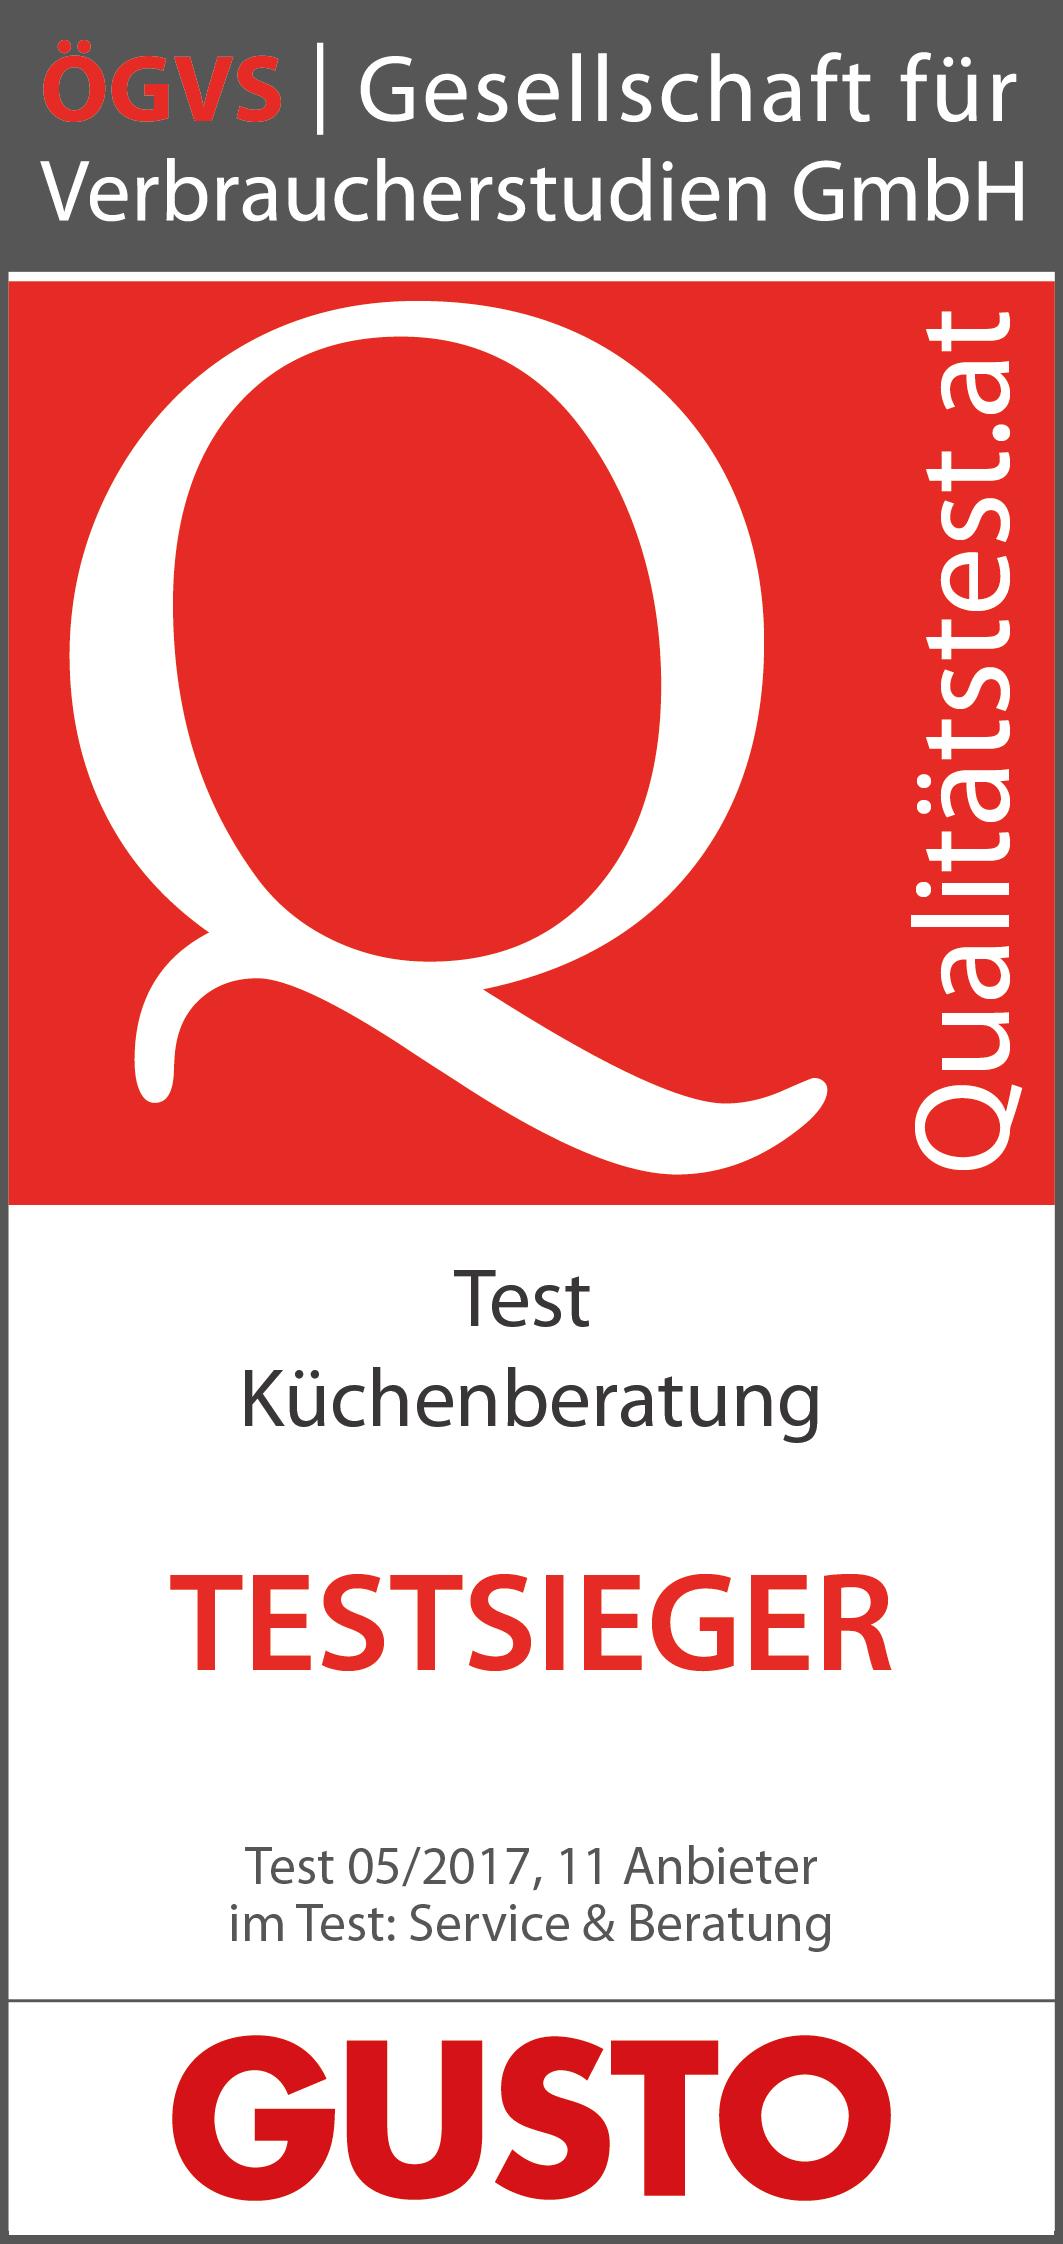 Küchenberatung test  Küchenberatung 2017 | ÖGVS